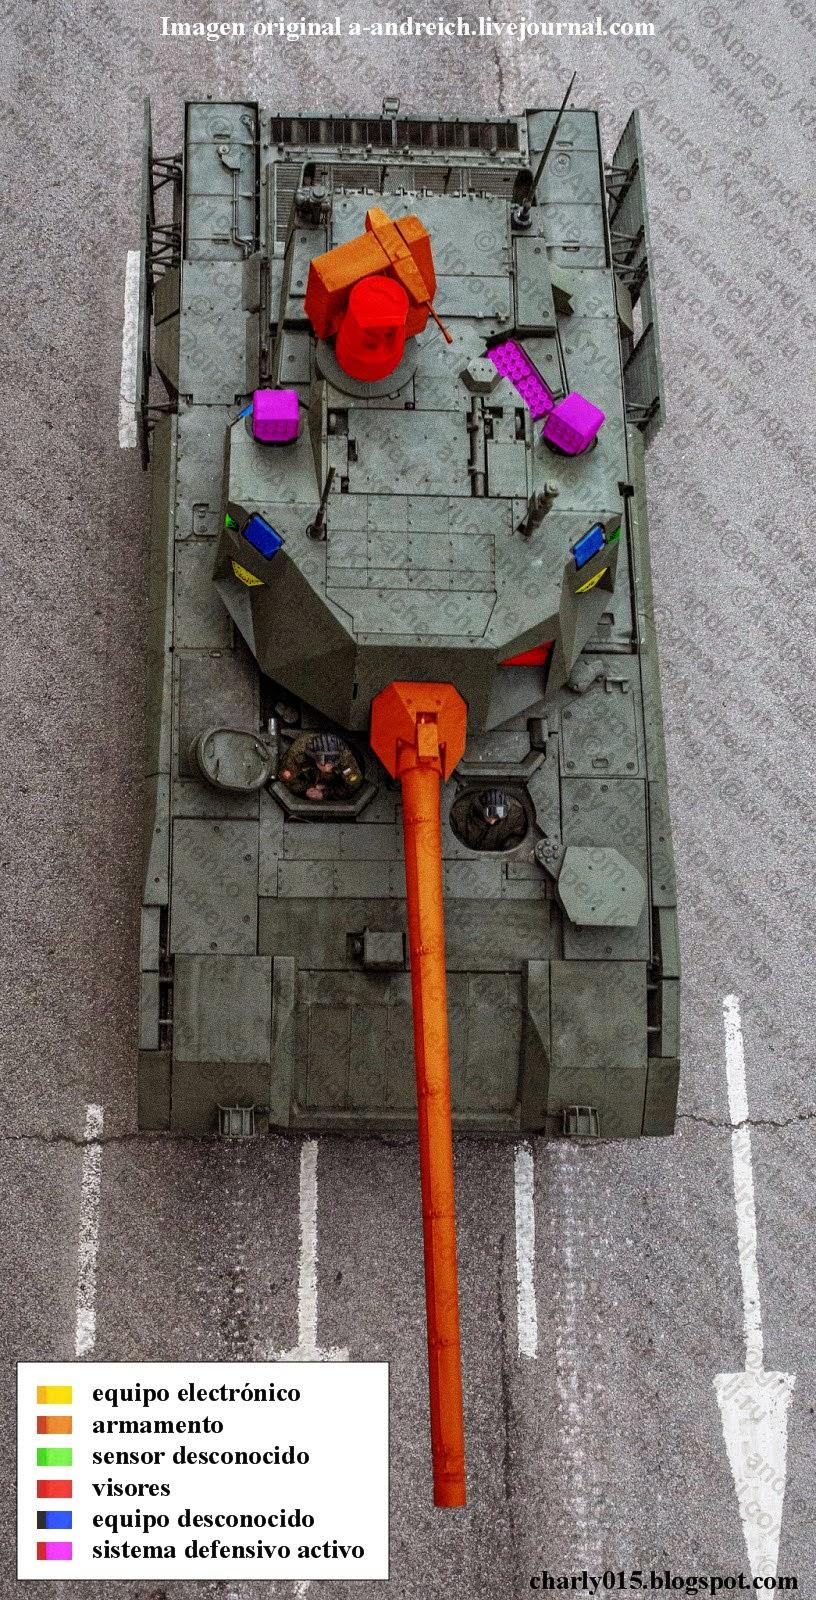 Rusia - Página 18 Armata%2Bequipos%2By%2Bsensores%2B2